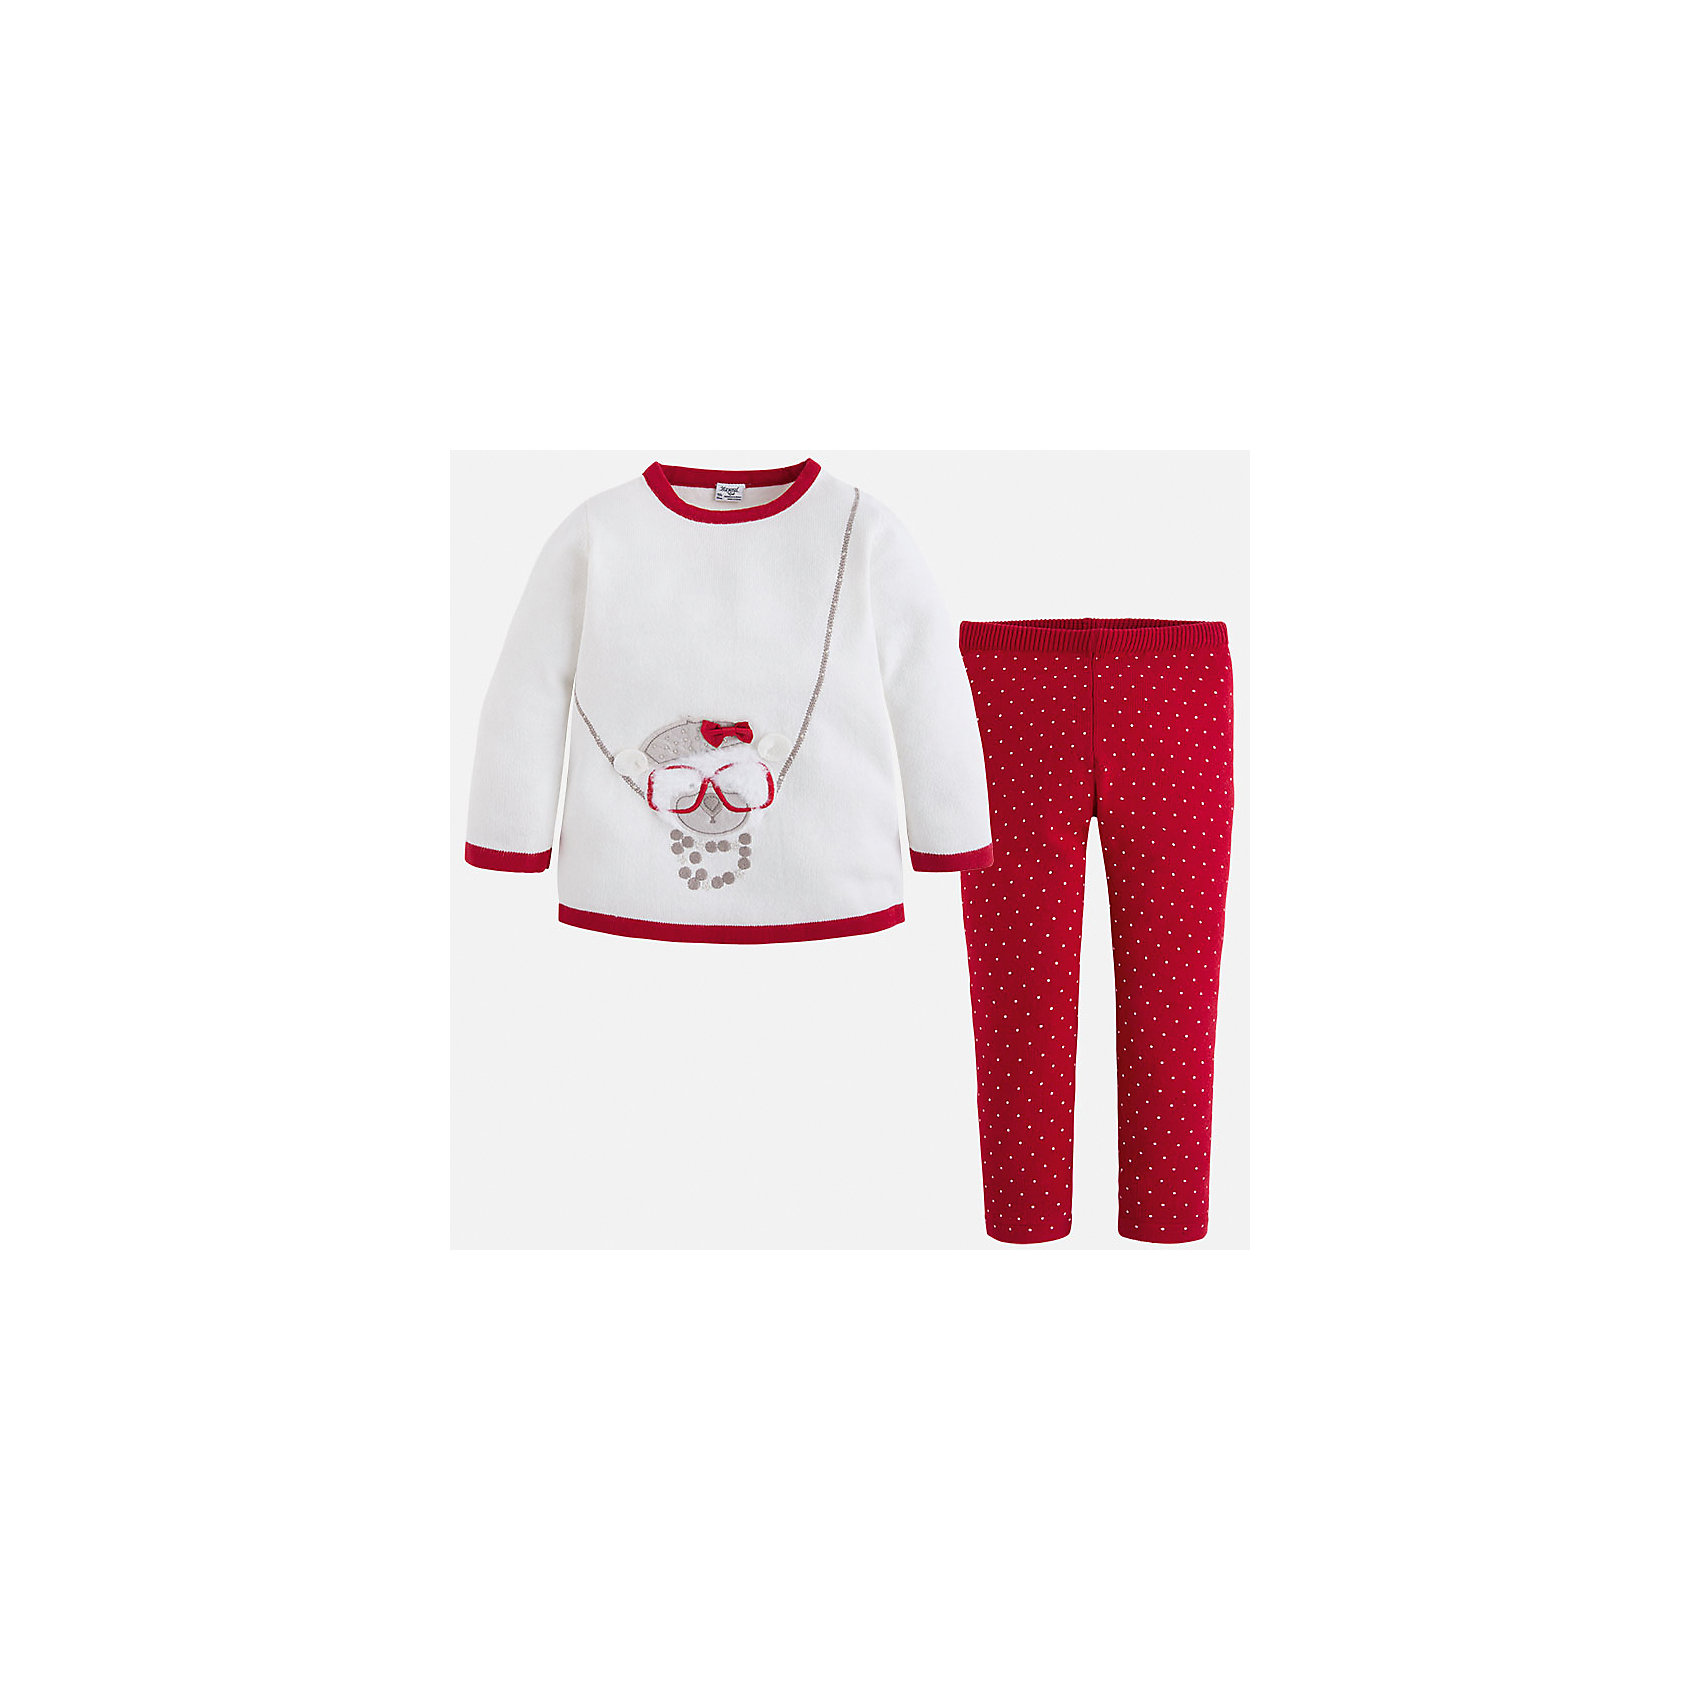 Комплект:футболка и леггинсы для девочки MayoralКомплект из футболки и леггинсов от испанского бренда Mayoral(Майорал) прекрасно подойдут маленькой моднице. Свитер из качественных материалов украшен милой аппликацией с мишкой и стразами. Леггинсы с приятной расцветкой в горошек. Отличный вариант для повседневной носки!<br>Дополнительная информация:<br>-украшен аппликацией и стразами<br>-цвет: красный/белый<br>-состав: 60% хлопок, 40% акрил<br>Комплект из футболки и леггинсов Mayoral(Майорал) можно купить в нашем интернет-магазине.<br><br>Ширина мм: 123<br>Глубина мм: 10<br>Высота мм: 149<br>Вес г: 209<br>Цвет: красный<br>Возраст от месяцев: 72<br>Возраст до месяцев: 84<br>Пол: Женский<br>Возраст: Детский<br>Размер: 122,98,104,92,110,116<br>SKU: 4844118